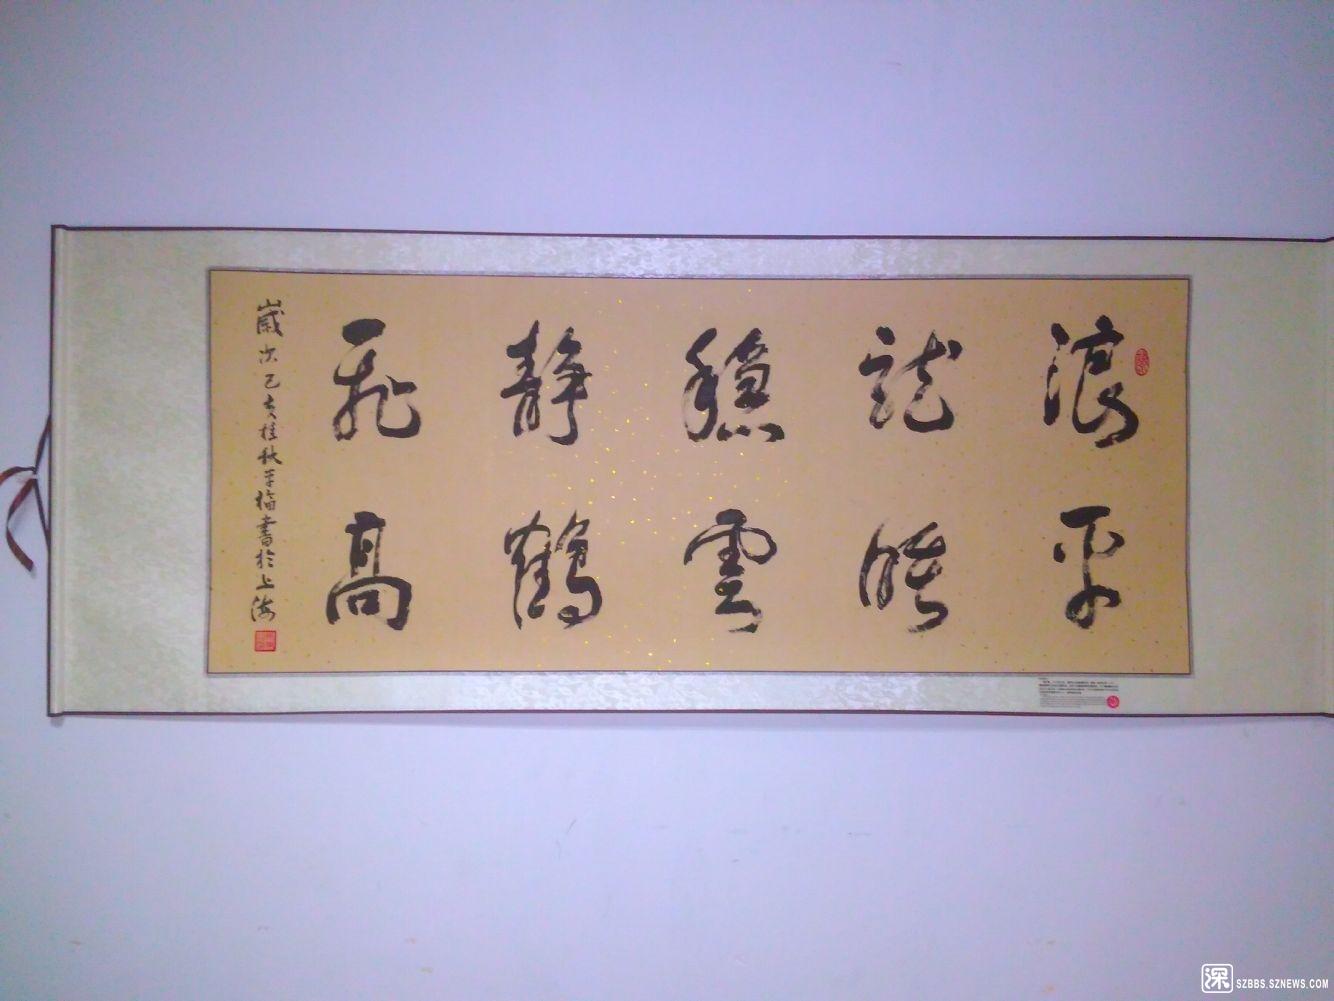 马平福 国际知名书画家 收藏级艺术品2136.jpg